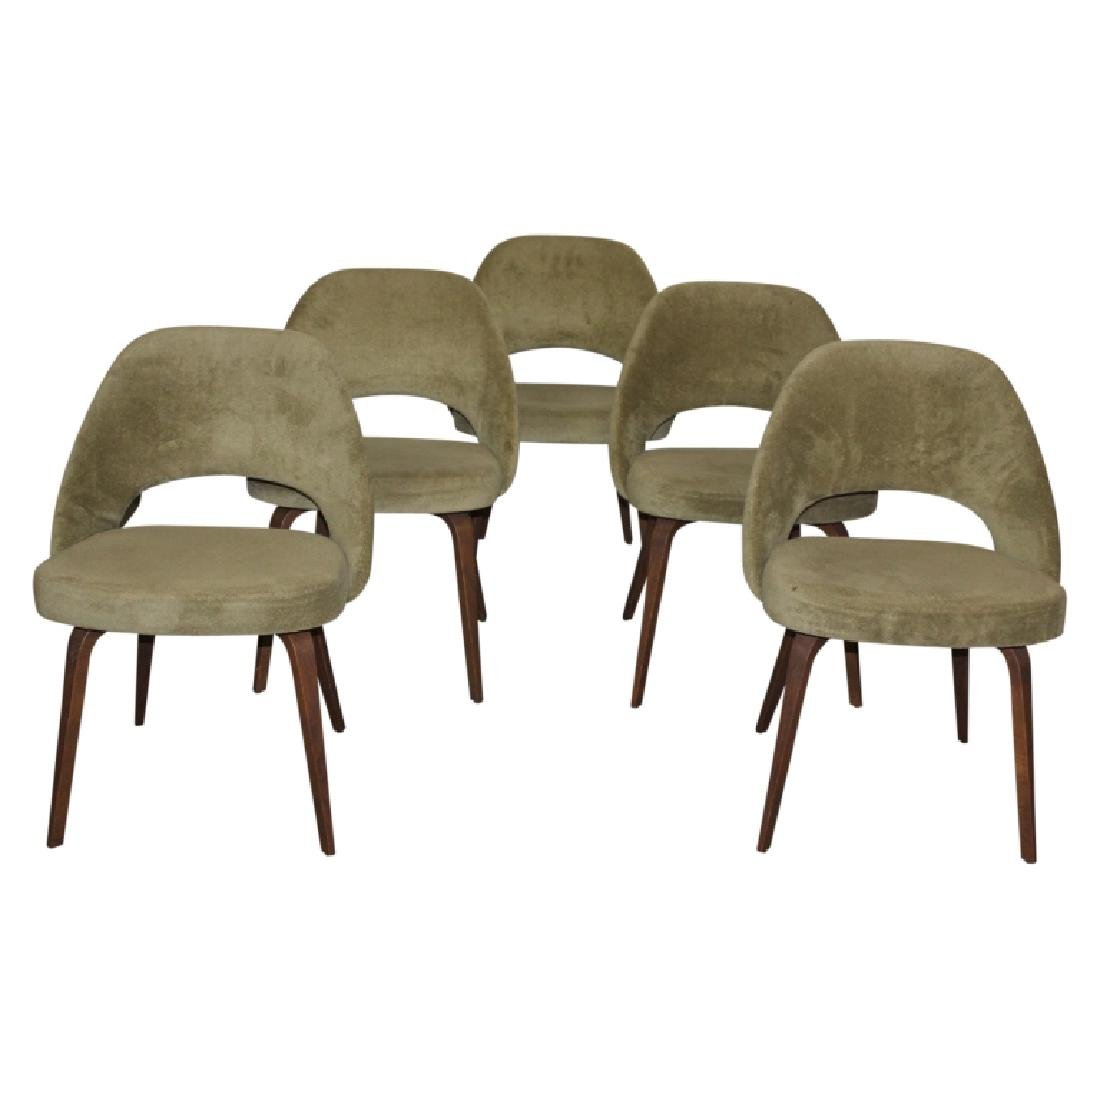 Knoll by Eero Saarinen Executive Side Chairs